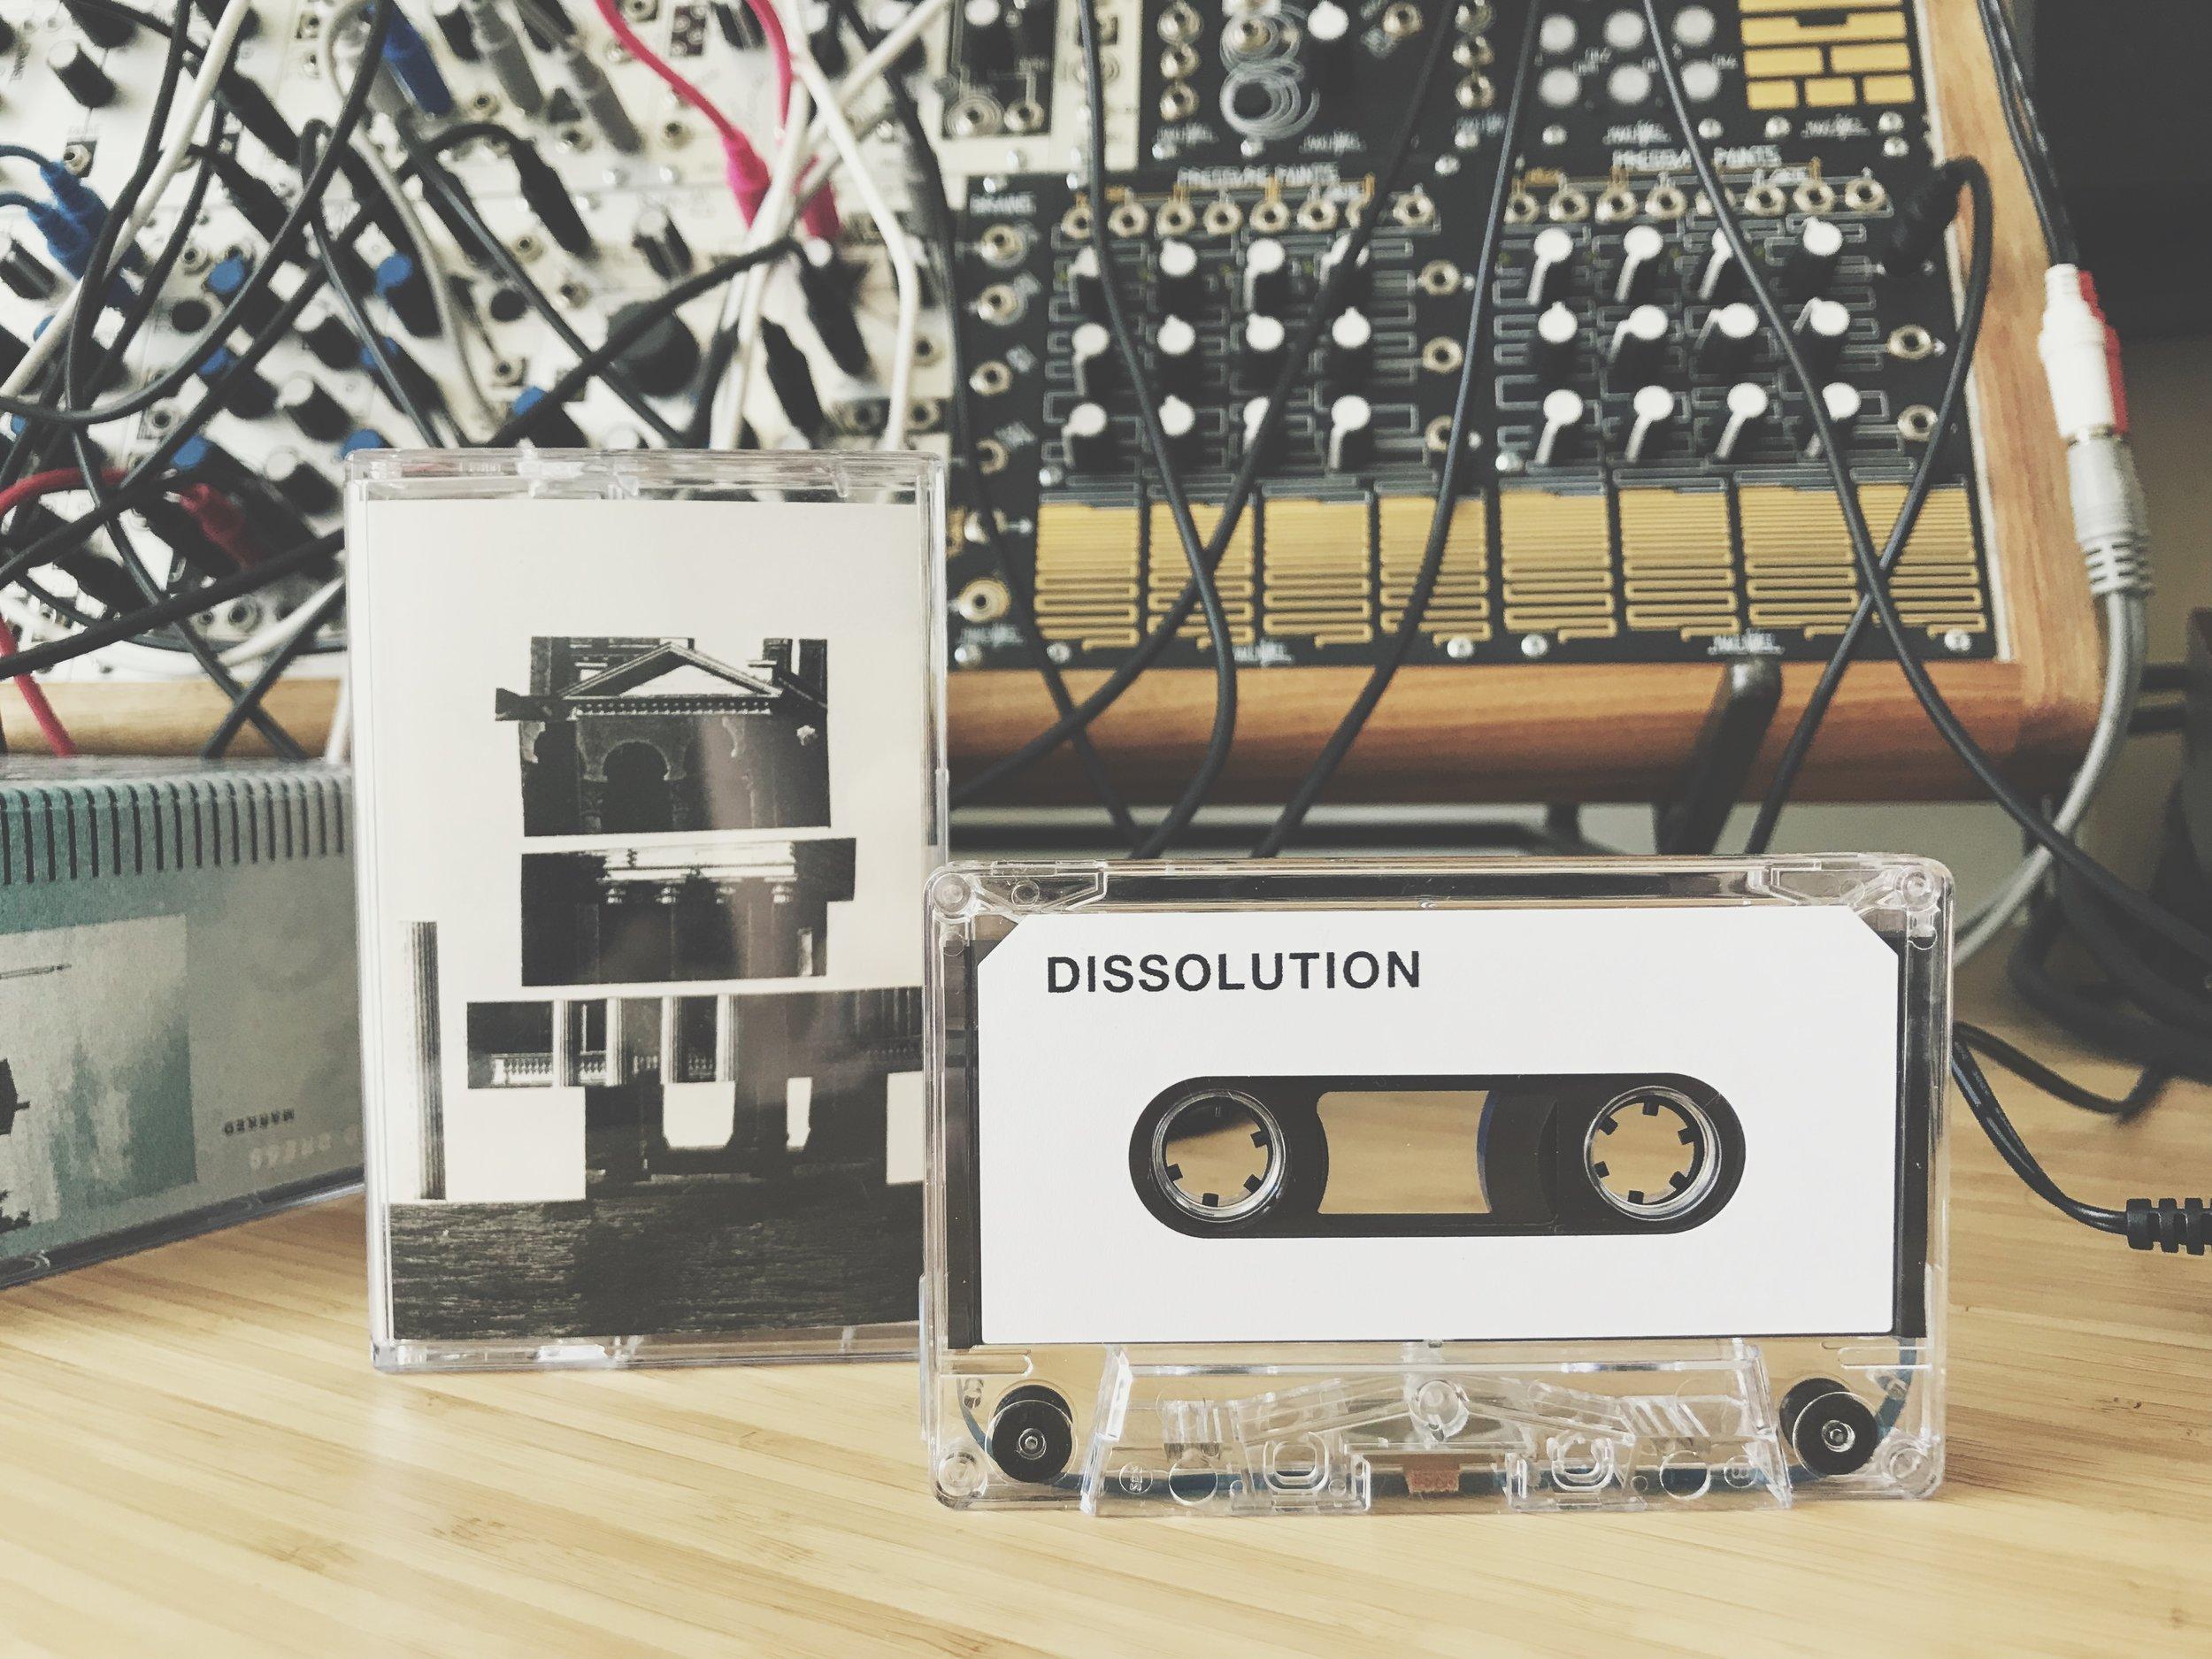 Fusiller - Dissolution (Audio. Visuals. Atmosphere.)